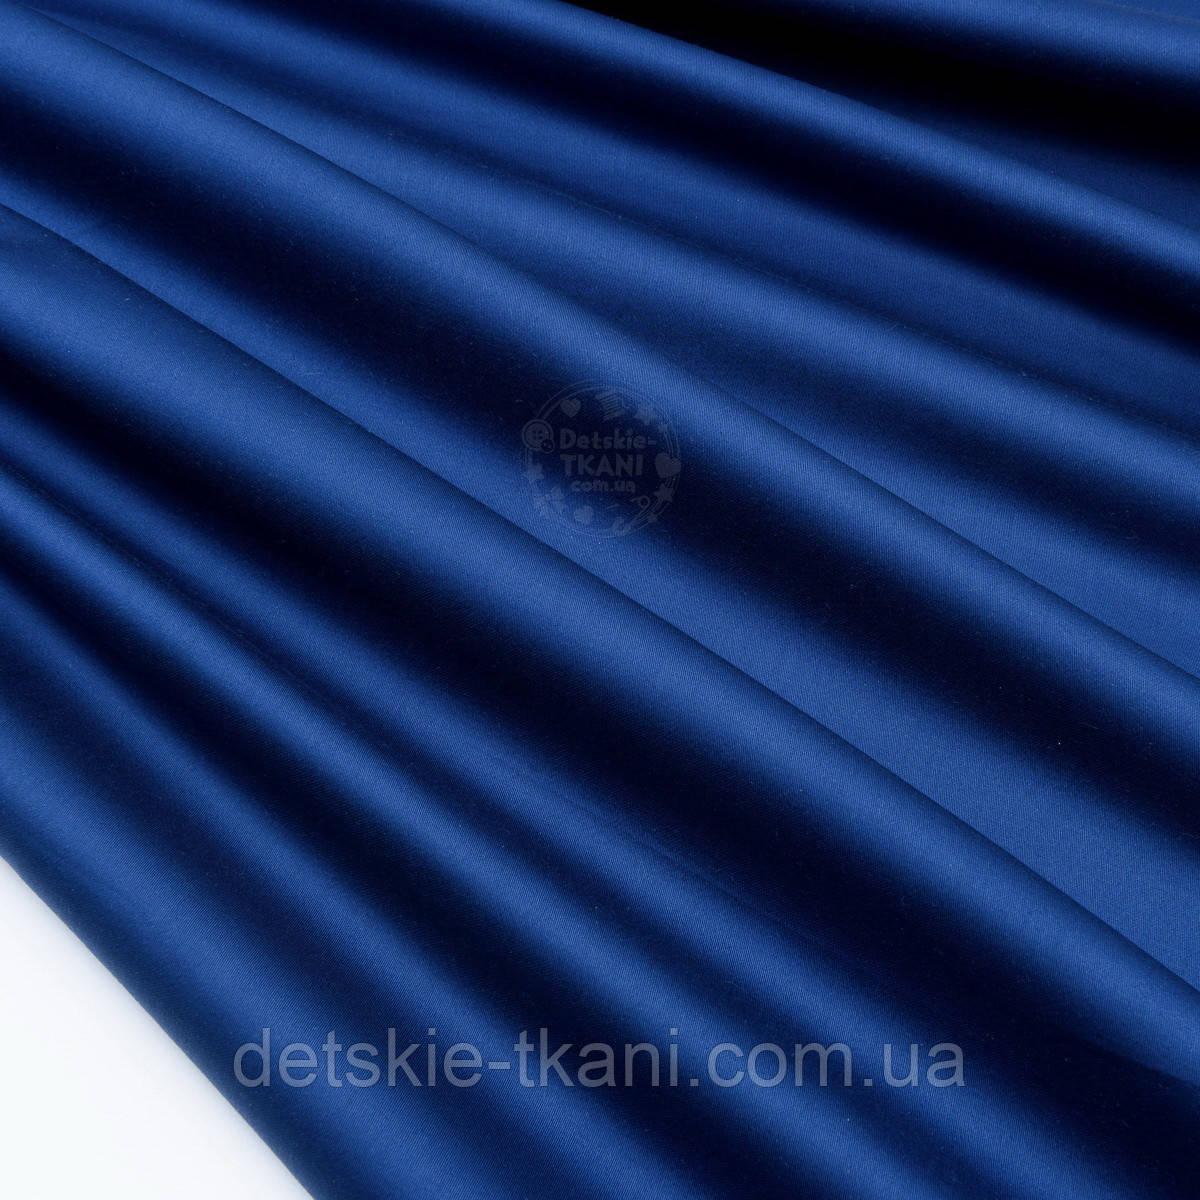 Отрез сатина цвет тёмно-синий №1749с, размер 50*240 см